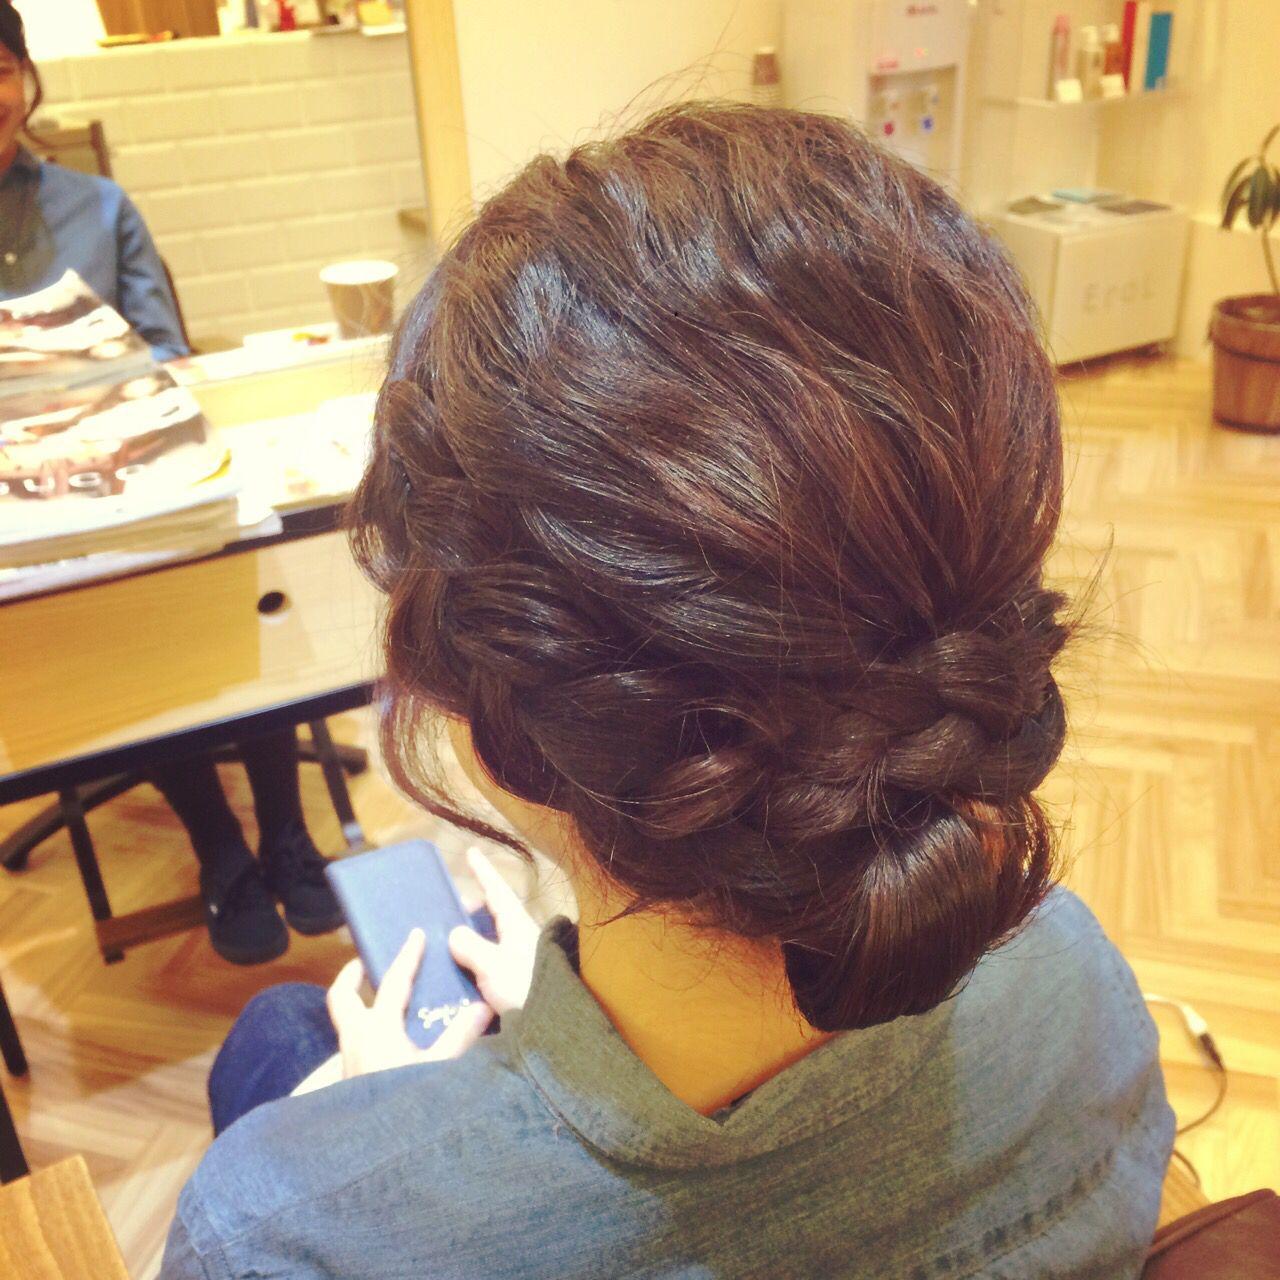 ナチュラル ゆるふわ まとめ髪 編み込み ヘアスタイルや髪型の写真・画像 | Sayoko Miyata / balance高円寺